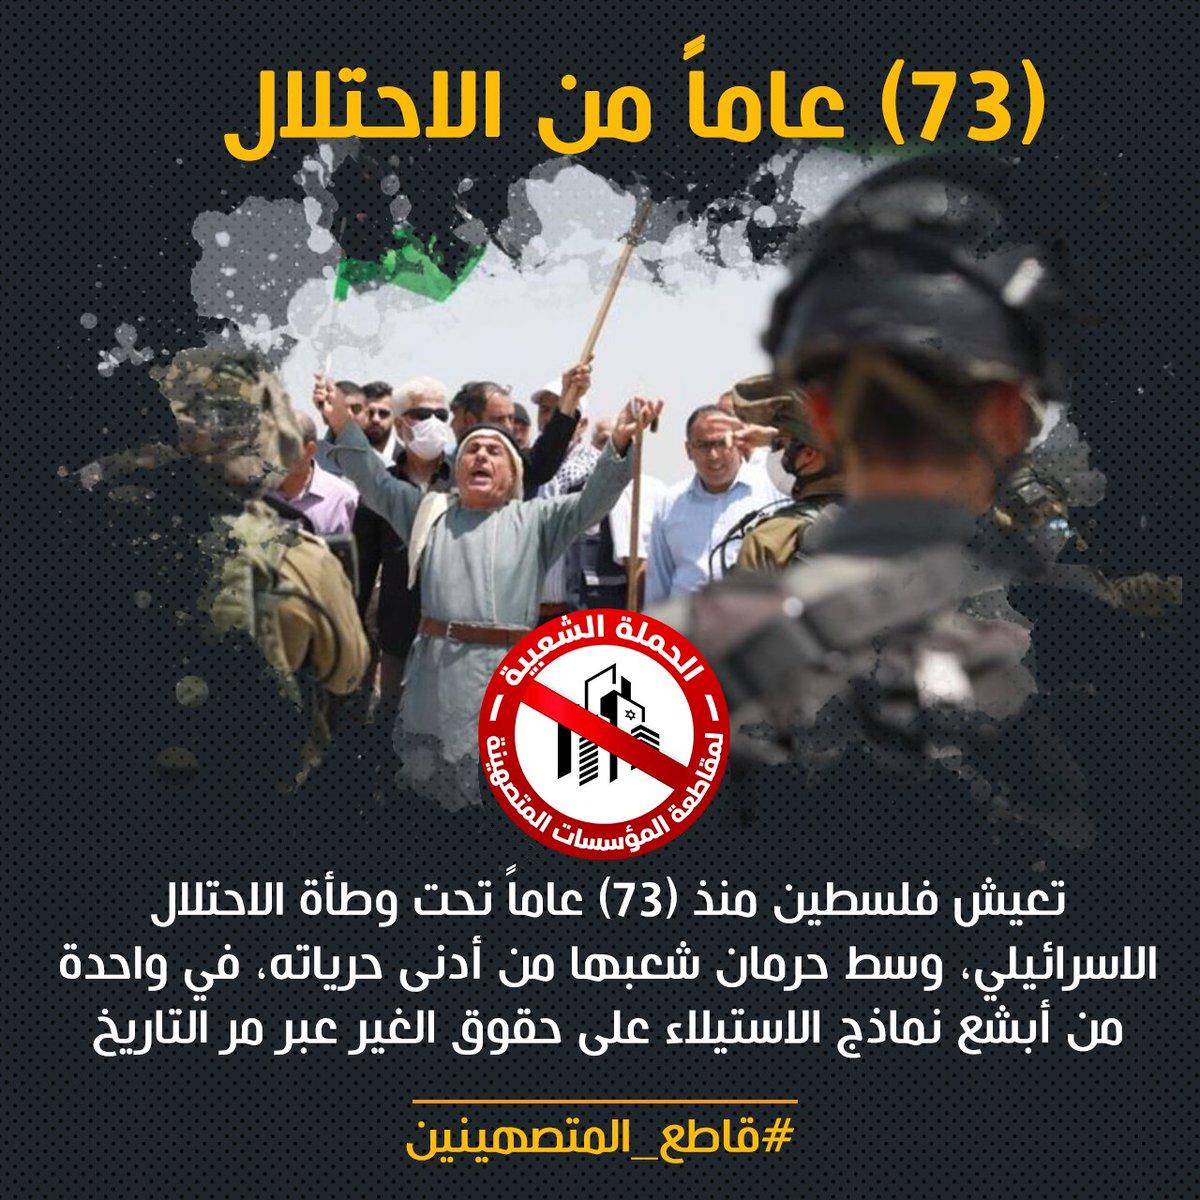 (73) عاماً من الاحتلال وما زال #الشعب_الفلسطيني يعيش حرماناً من أدنى حقوقه وحرياته  #قاطع_المتصهينين